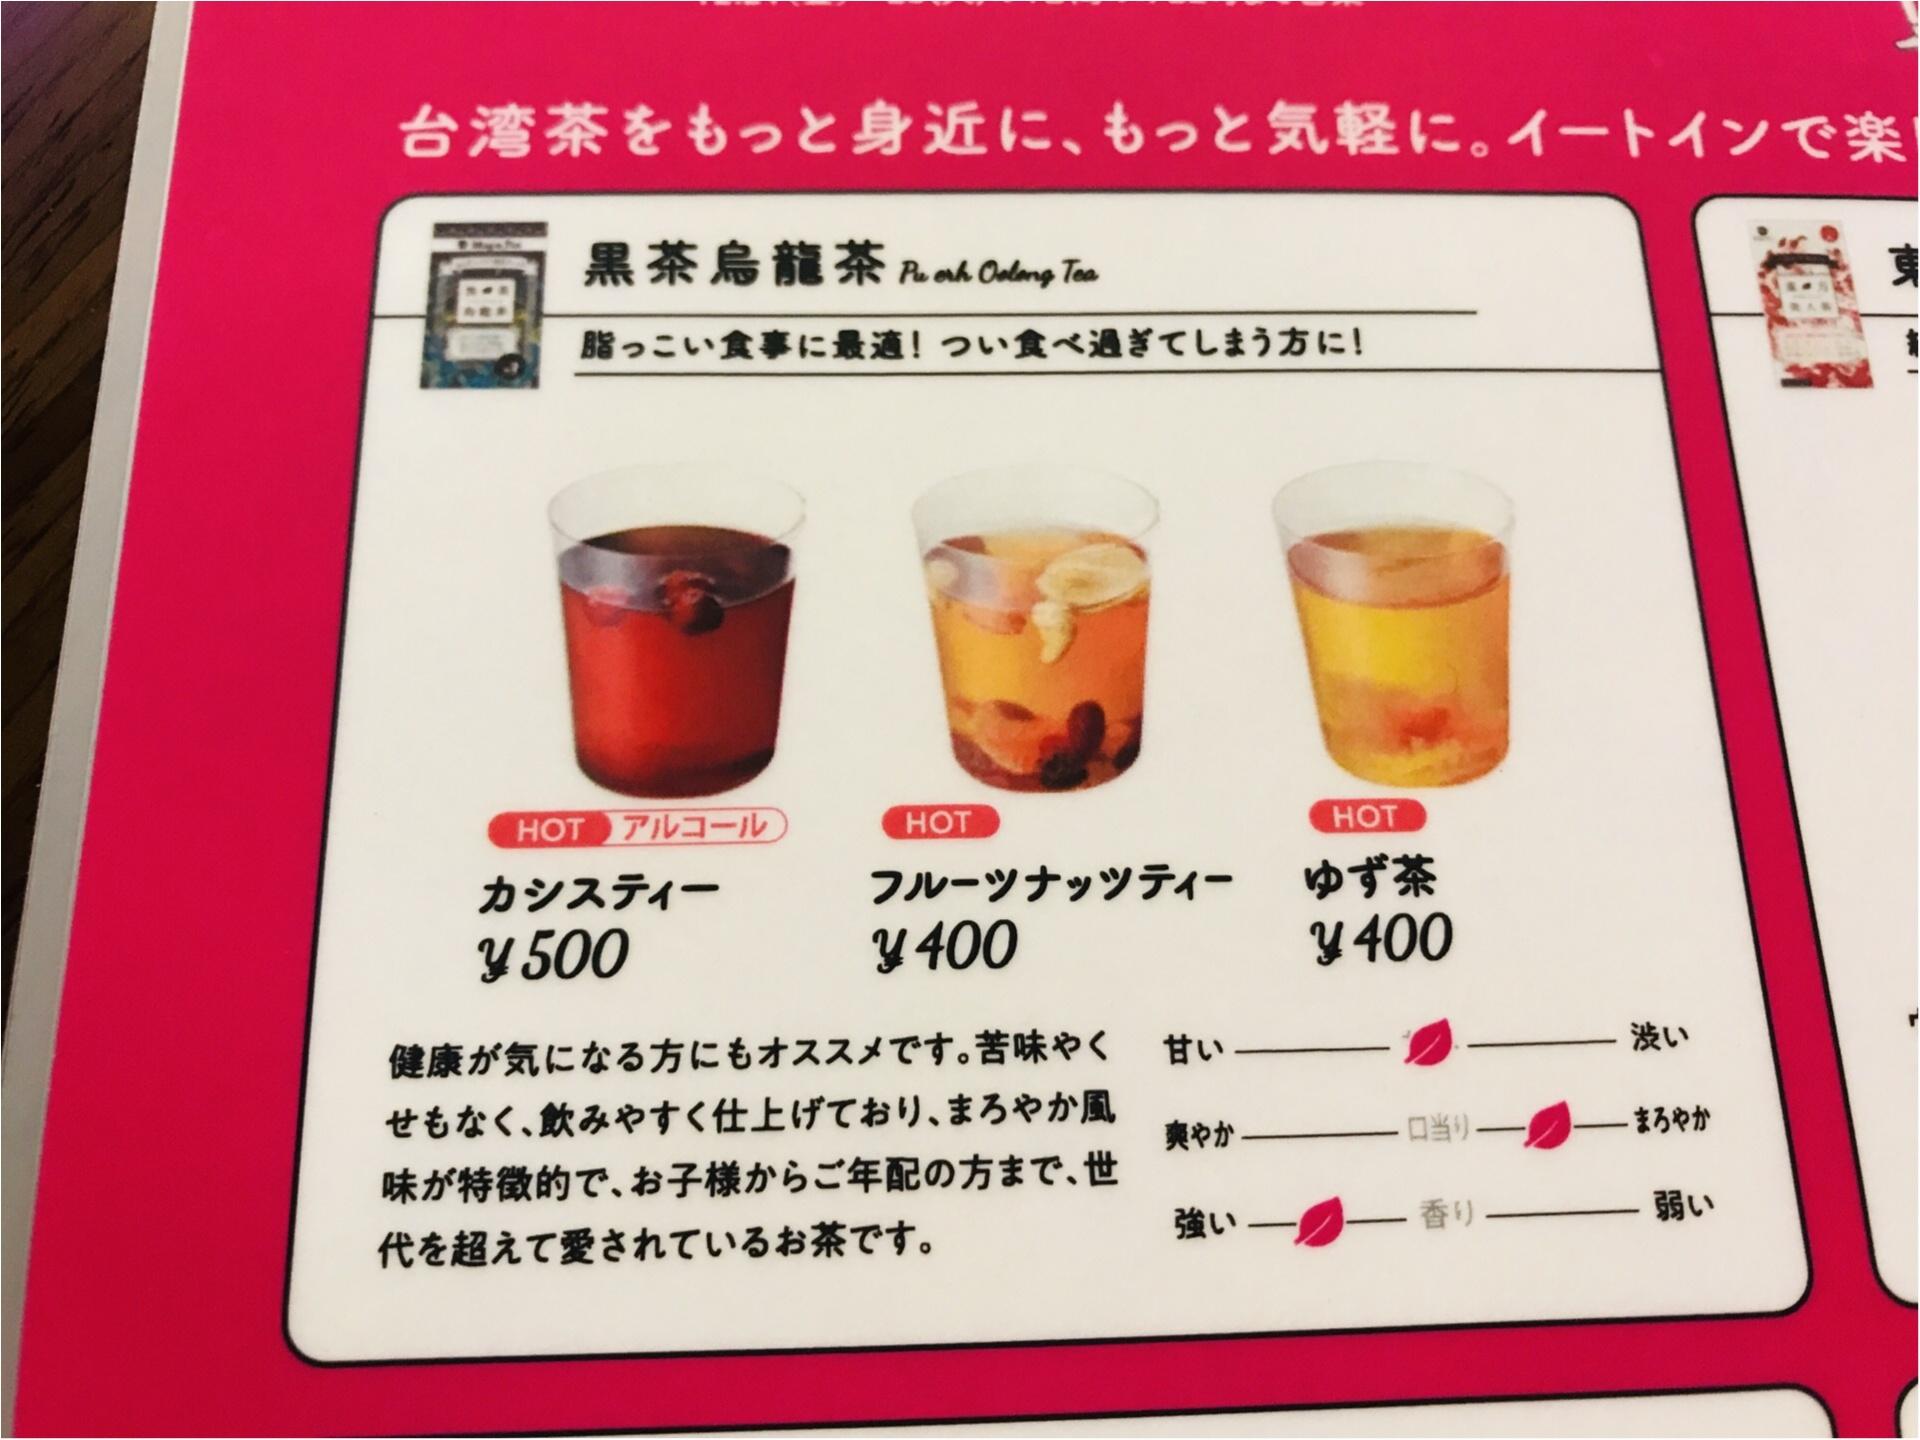 【Mug&Pot】クリスマス限定!映え度抜群❤︎台湾茶のポップアップカフェがオープン♡_4